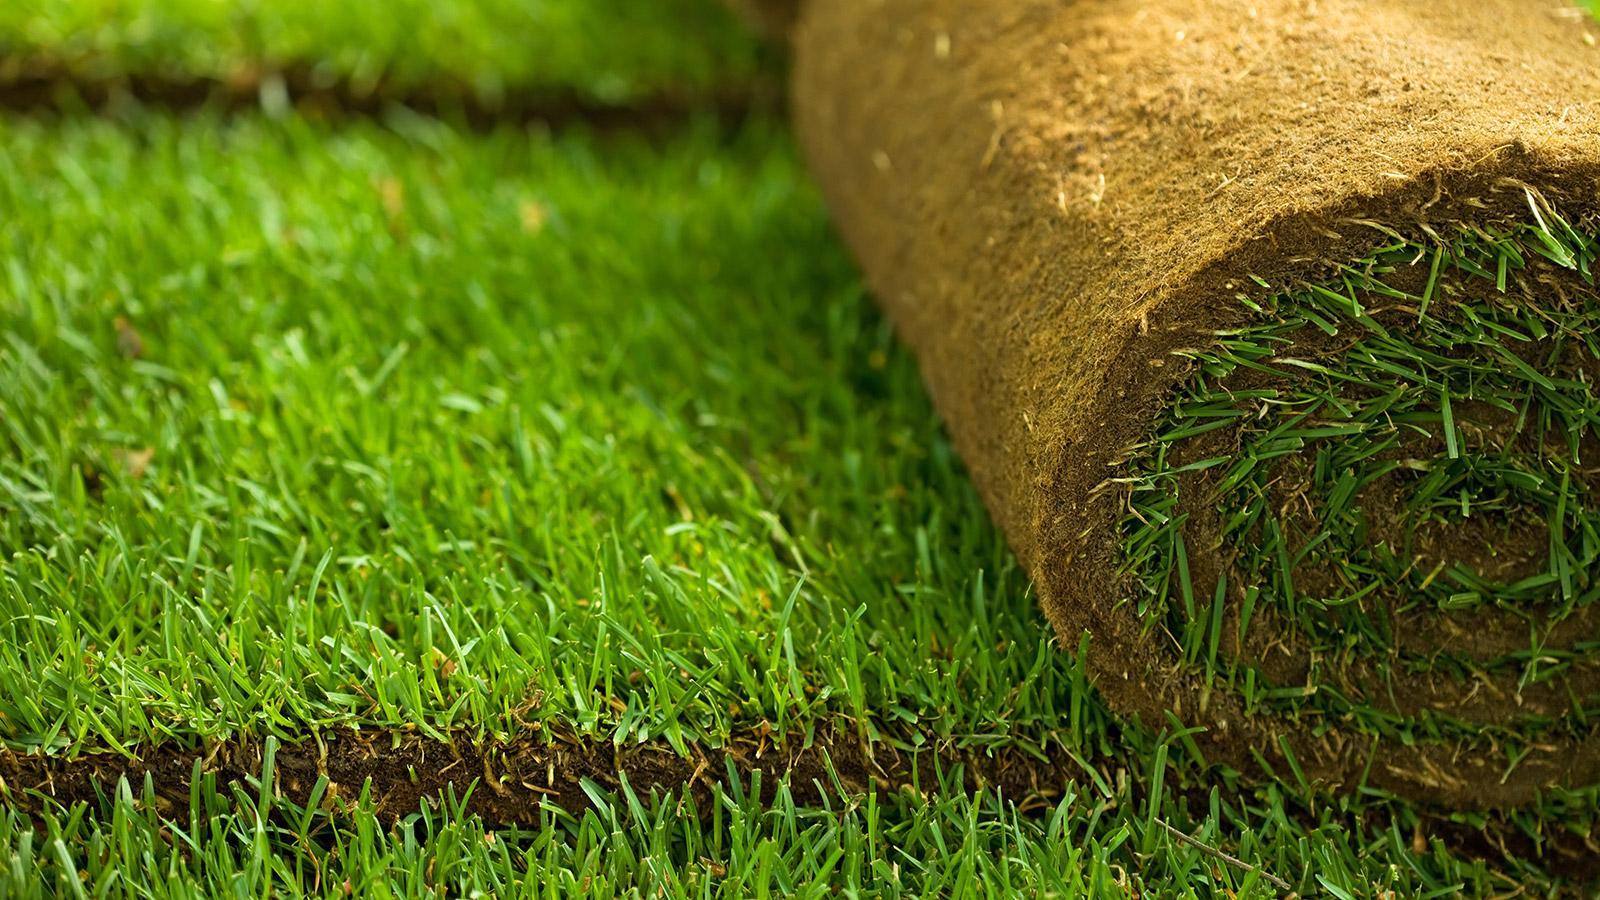 Рулонный газон - технология укладки как уложить как осуществлять подготовку земли и постелить устройство участка